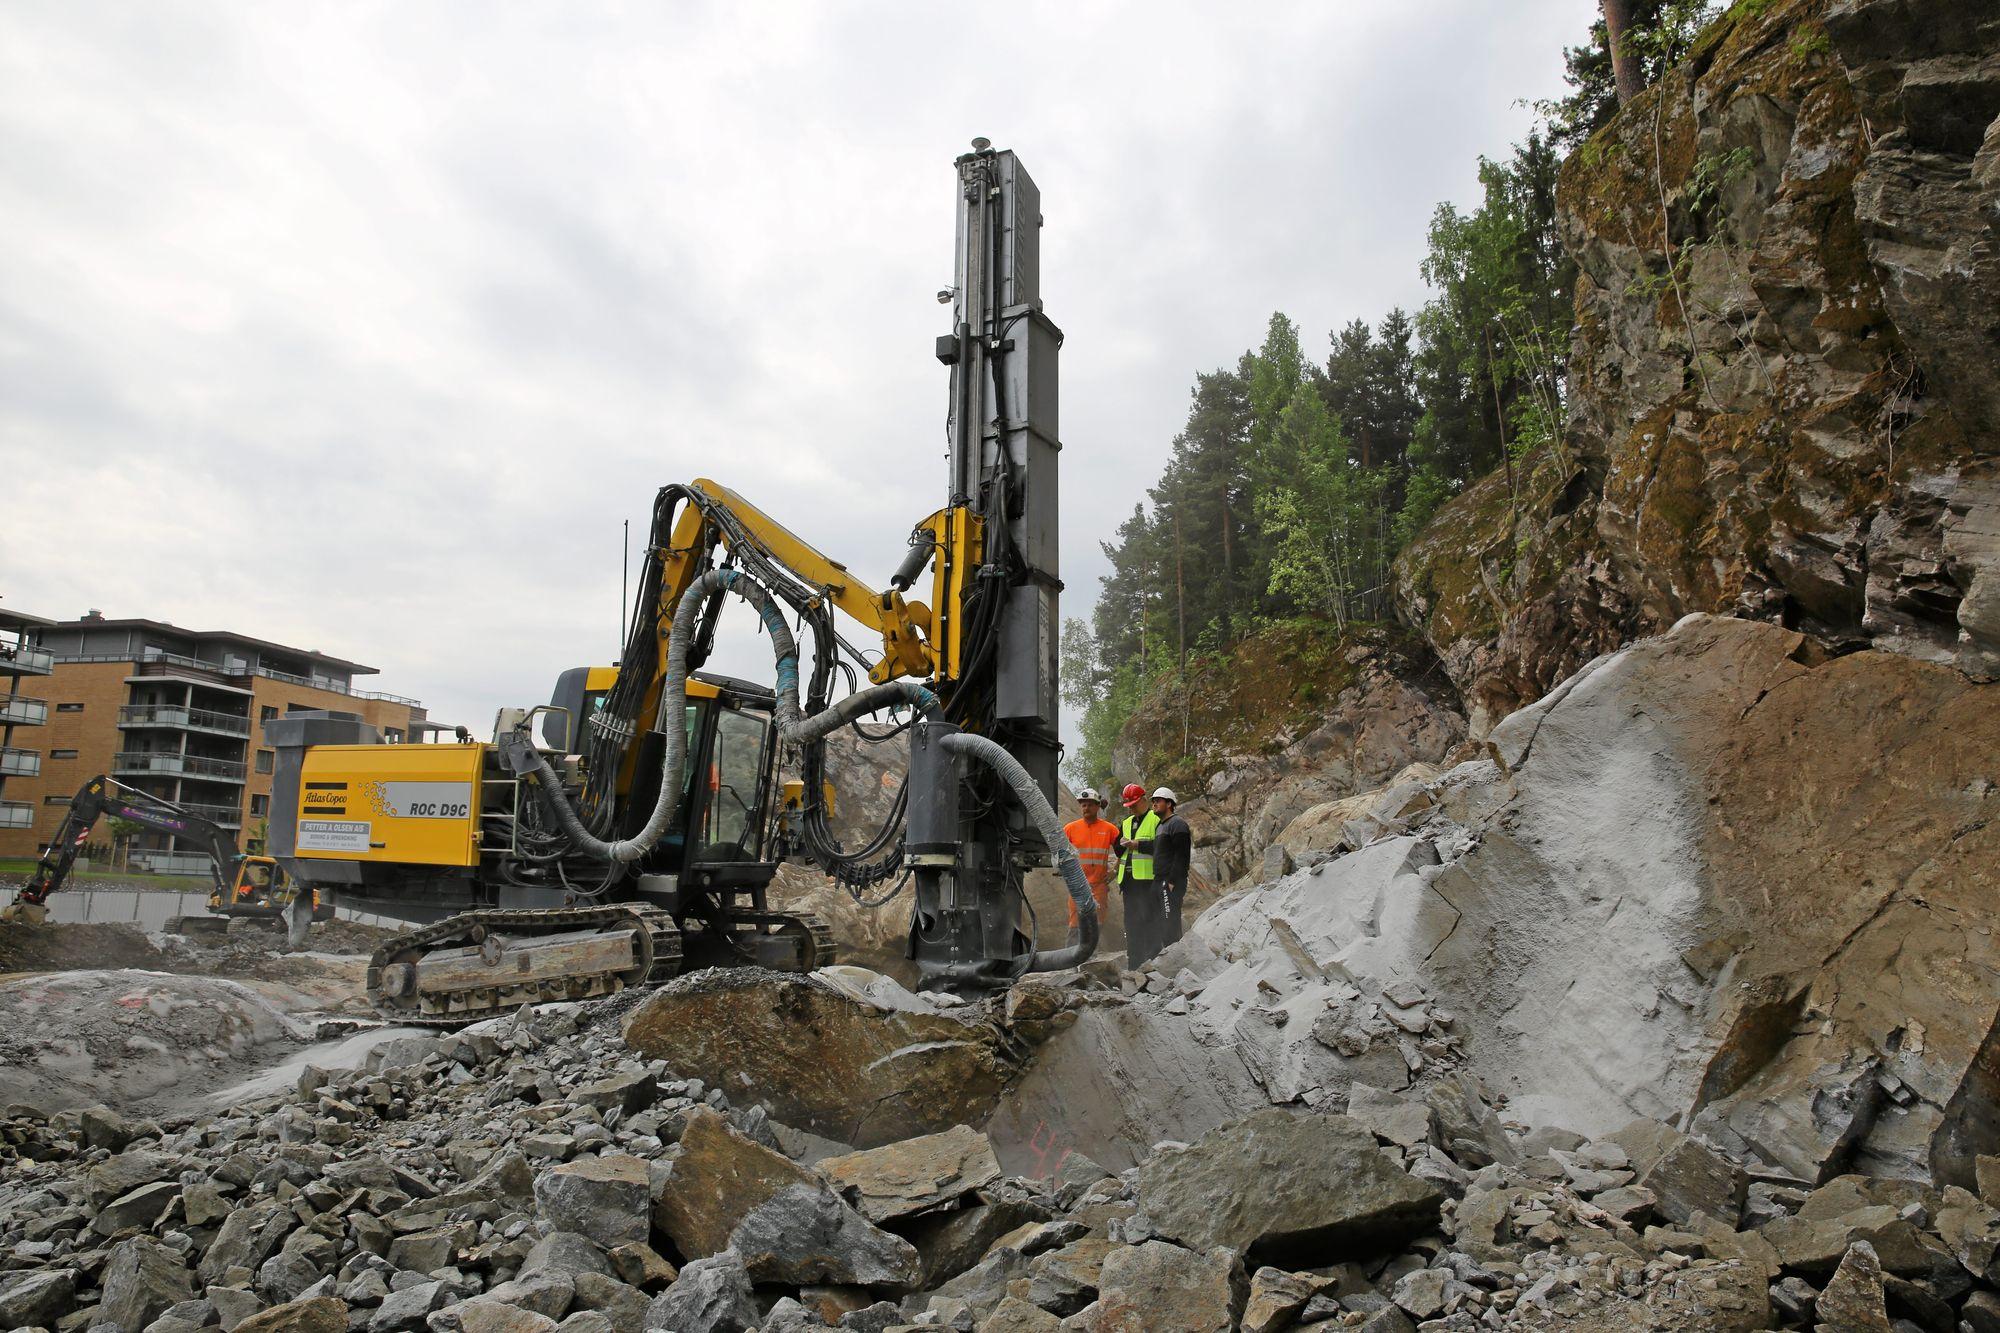 UNDER KONSTRUKSJON: Store og fete maskiner ble brukt under byggingen av kulverten.